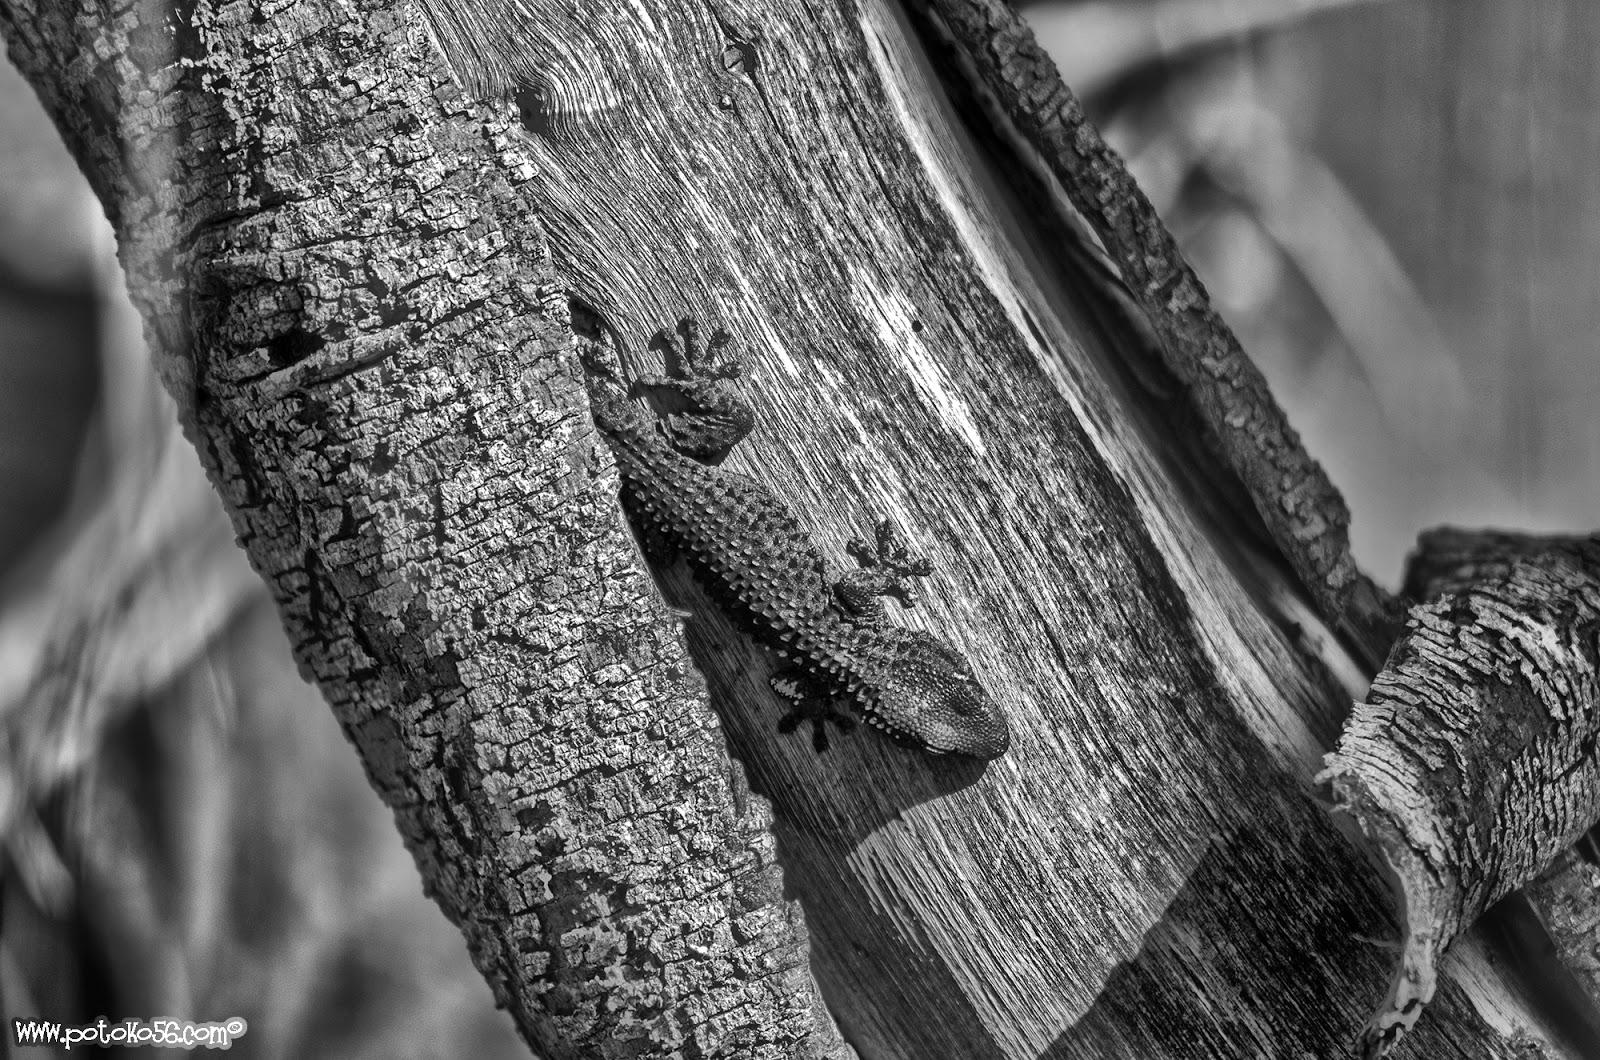 Salamanquesa tomando el sol en el tronco de un árbol